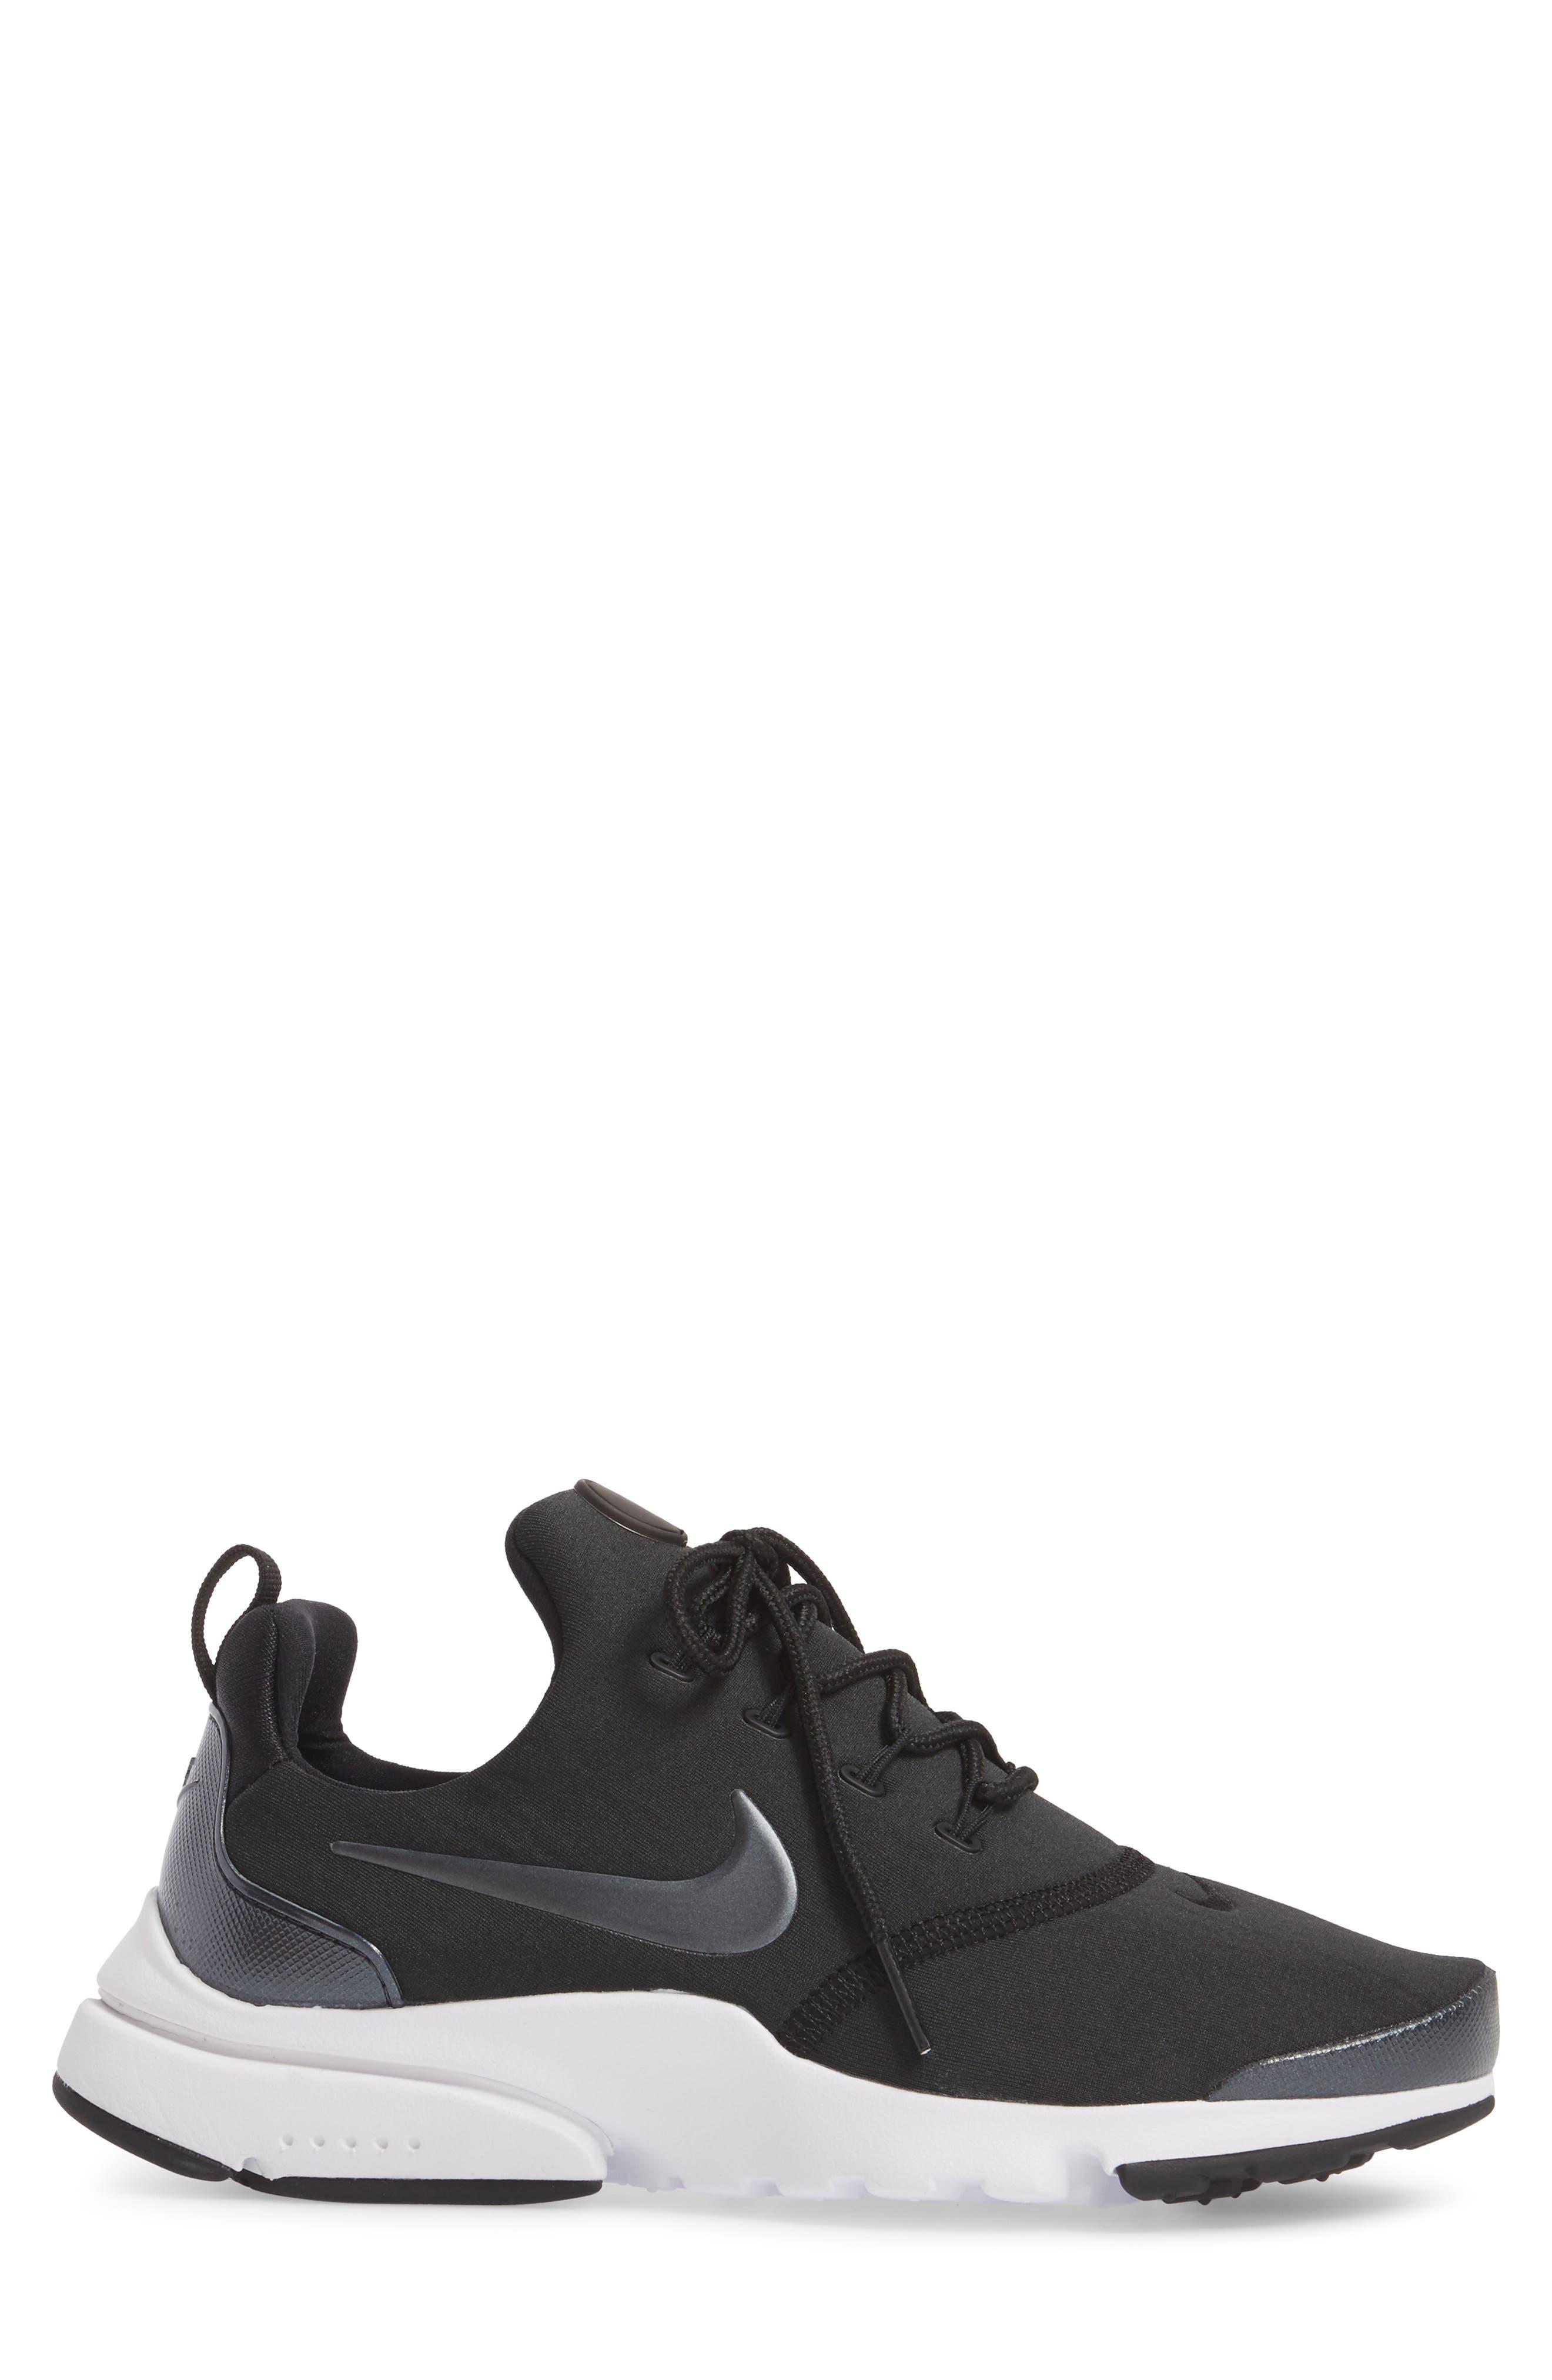 Presto Ultra SE Sneaker,                             Alternate thumbnail 3, color,                             003